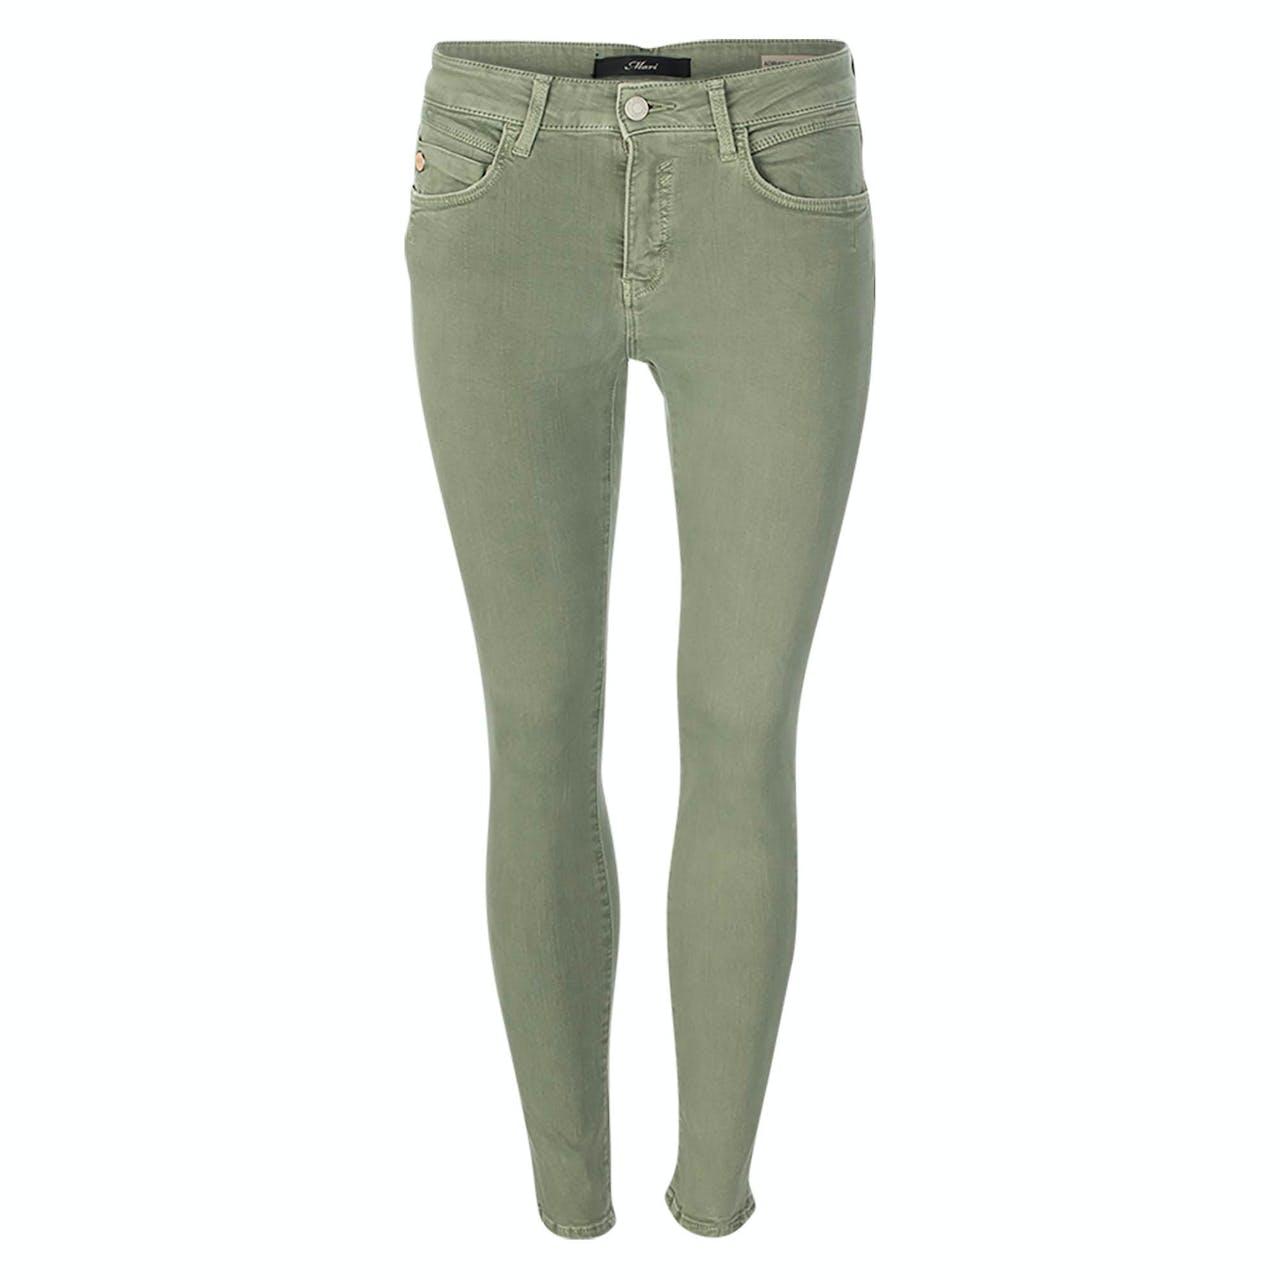 Jeans - Skinny Fit - Adriana